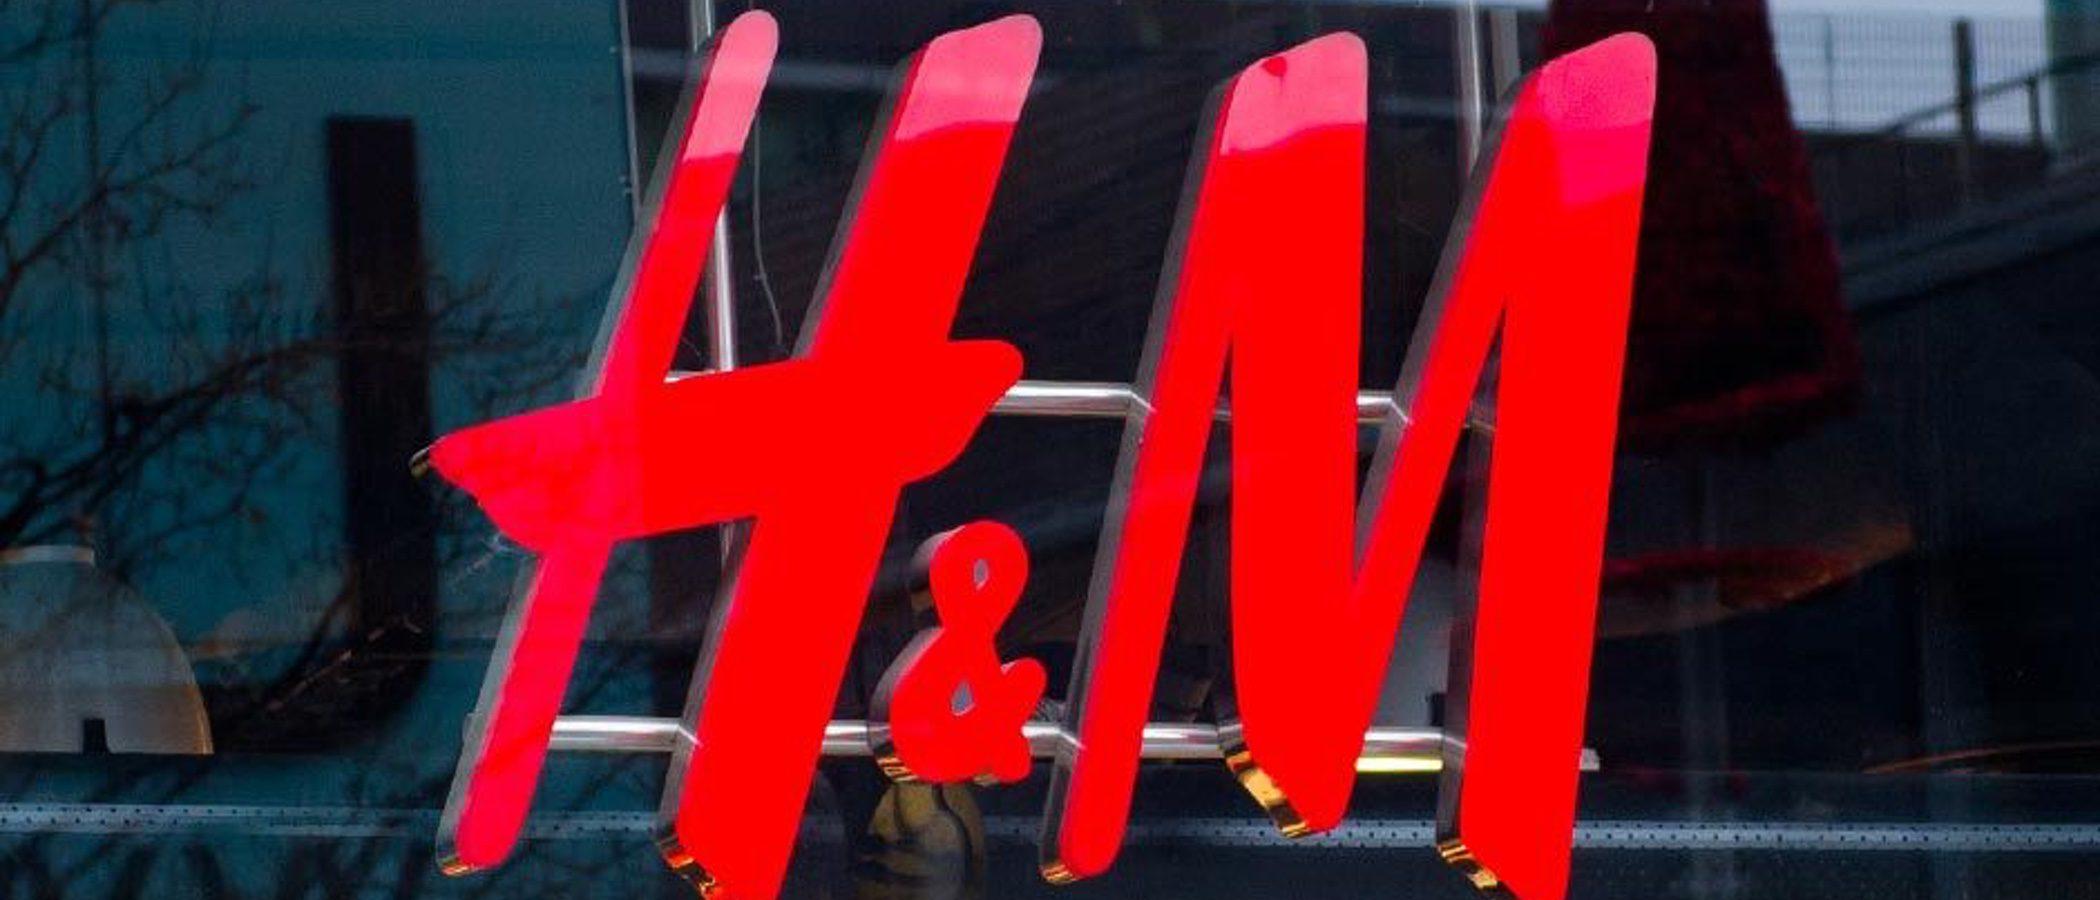 Primeros detalles de Arket, la nueva marca de H&M